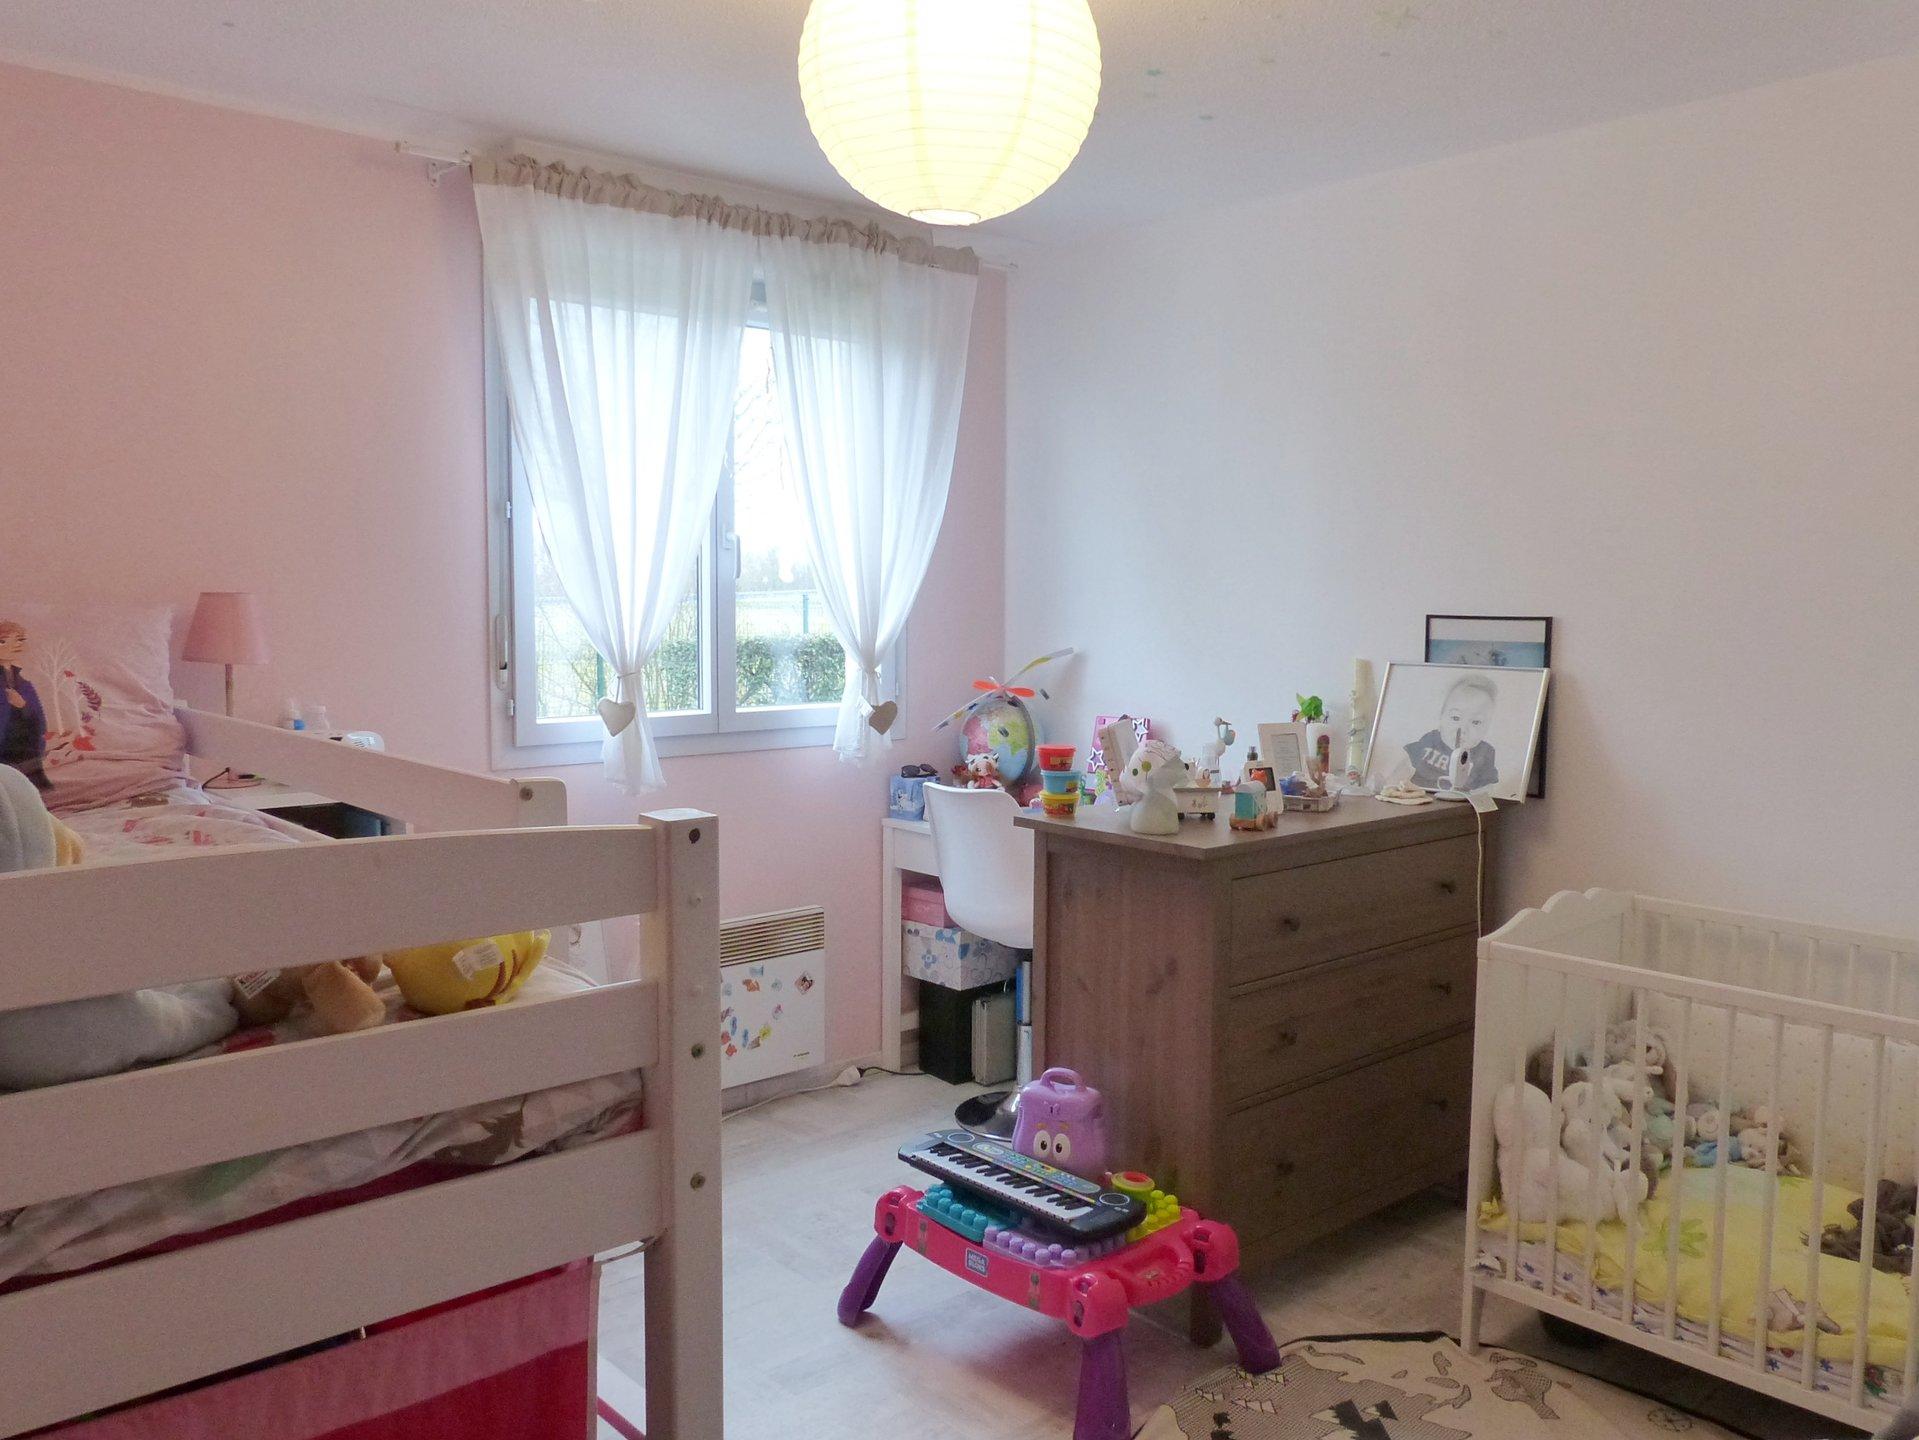 A 15 mn à pied du centre ville de Mâcon, dans une belle résidence de 2014 à Saint Laurent sur Saône, appartement 3 pièces en rez-de-jardin.  Entièrement rénové en 2018, il se compose d'une belle entrée desservant d'un côté l'espace nuit avec deux grandes chambres, une salle de douche, un wc indépendant et de l'autre une jolie pièce à vivre avec cuisine équipée donnant directement sur un bel espace extérieur d'environ 30 m².  Belle vue dégagée sur la plaine, résidence agréable, sécurisée et très bien entretenue ! Vendu avec 2 places de parking privatives.  Bien soumis au régime de la copropriété - Charges de 100 ?/mois comprenant l'eau, l'entretien des espaces verts et des communs, l'électricité des parties communes, la taxe d'ordure ménagère, l'assurance de l'immeuble. Honoraires à la charge du vendeur.